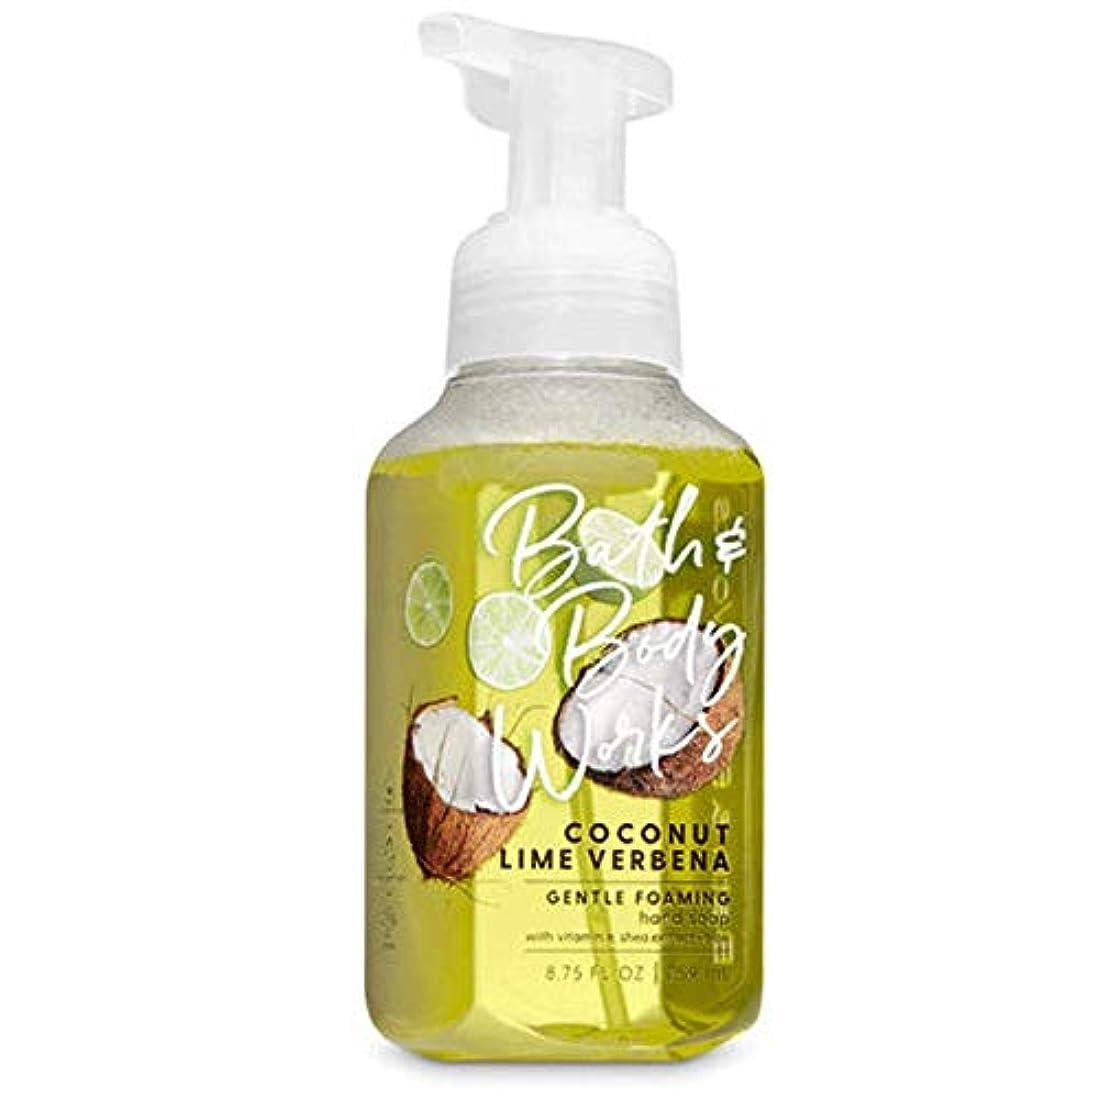 ワーディアンケース小康責めバス&ボディワークス ココナッツライムバーベナ ジェントル フォーミング ハンドソープ Coconut Lime Verbena Gentle Foaming Hand Soap